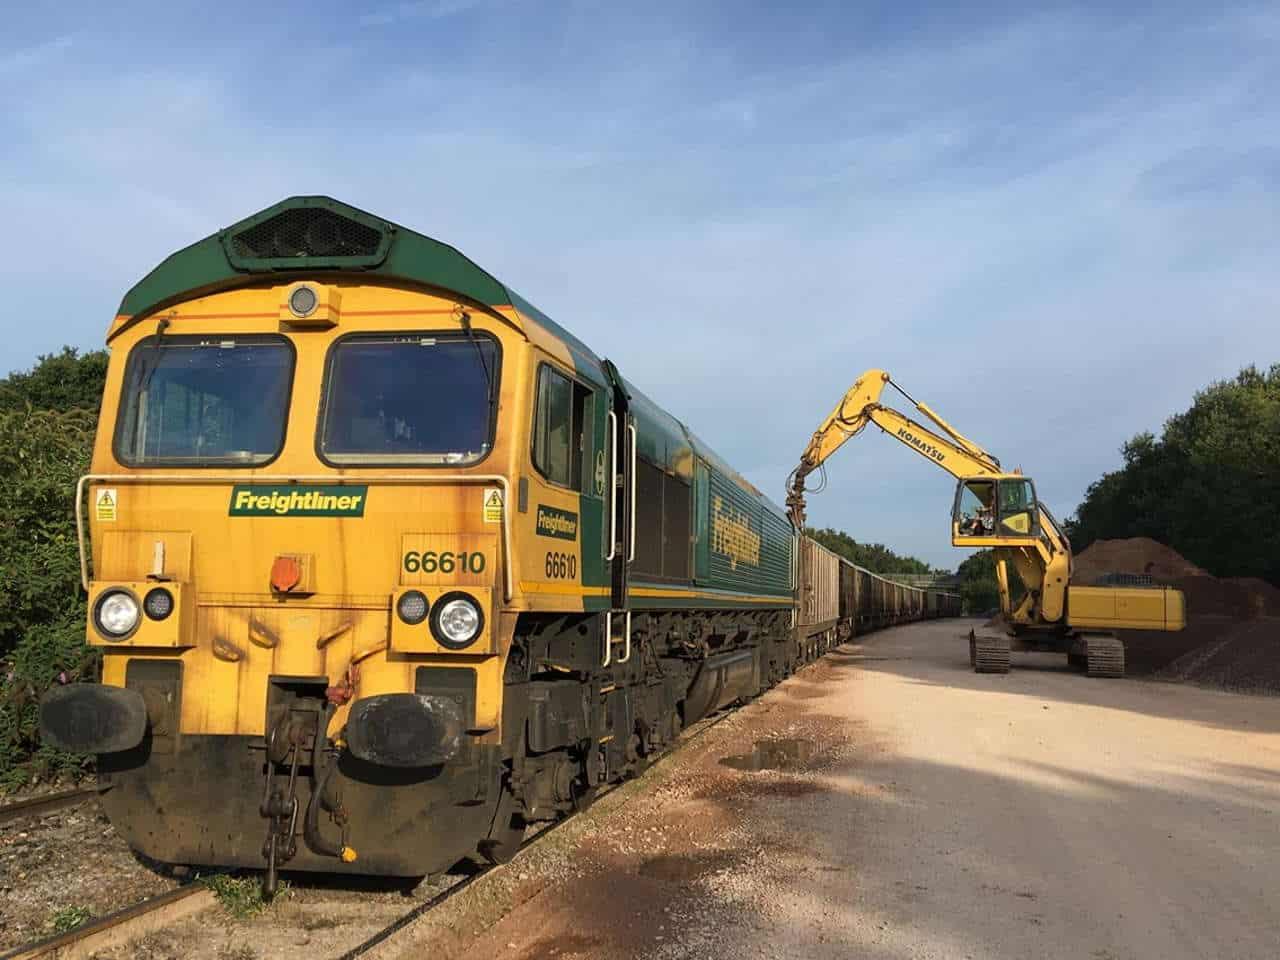 Freight trains coronavirus